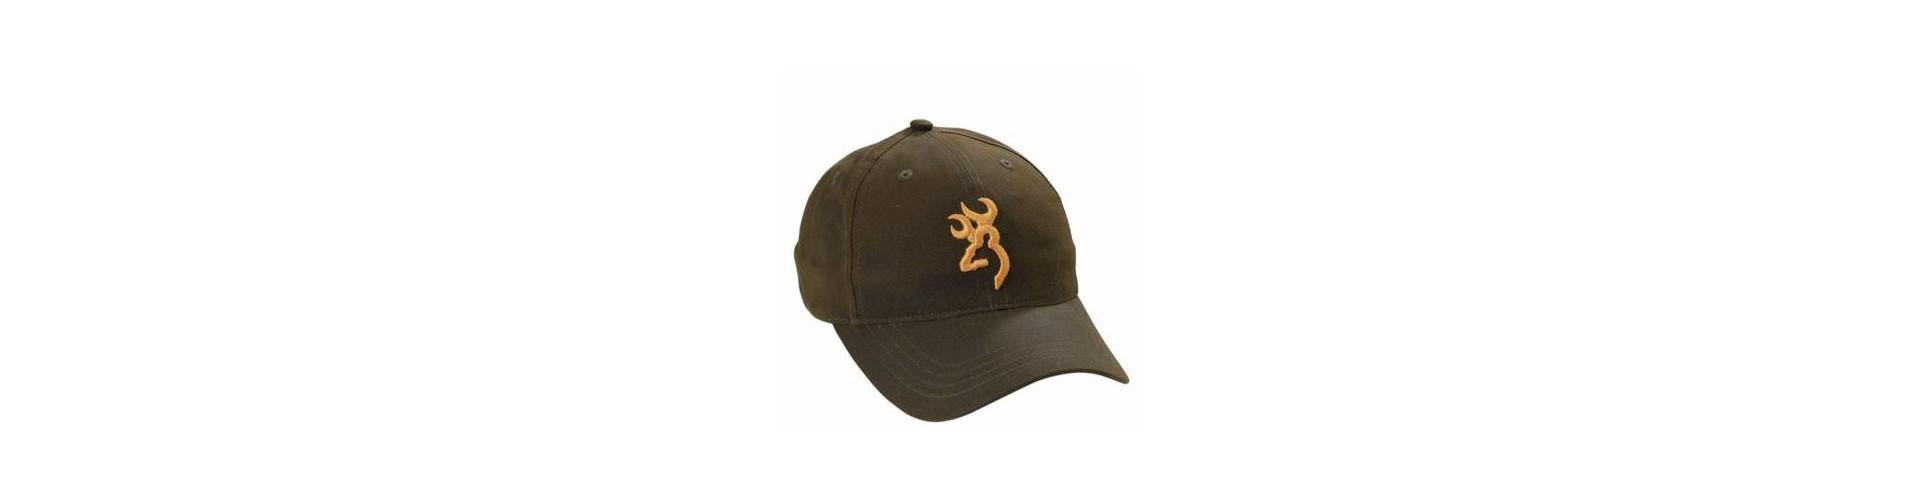 Jagt hovedbeklædning - Køb huer, kasketter, masker og hovedbeklædning til jagt